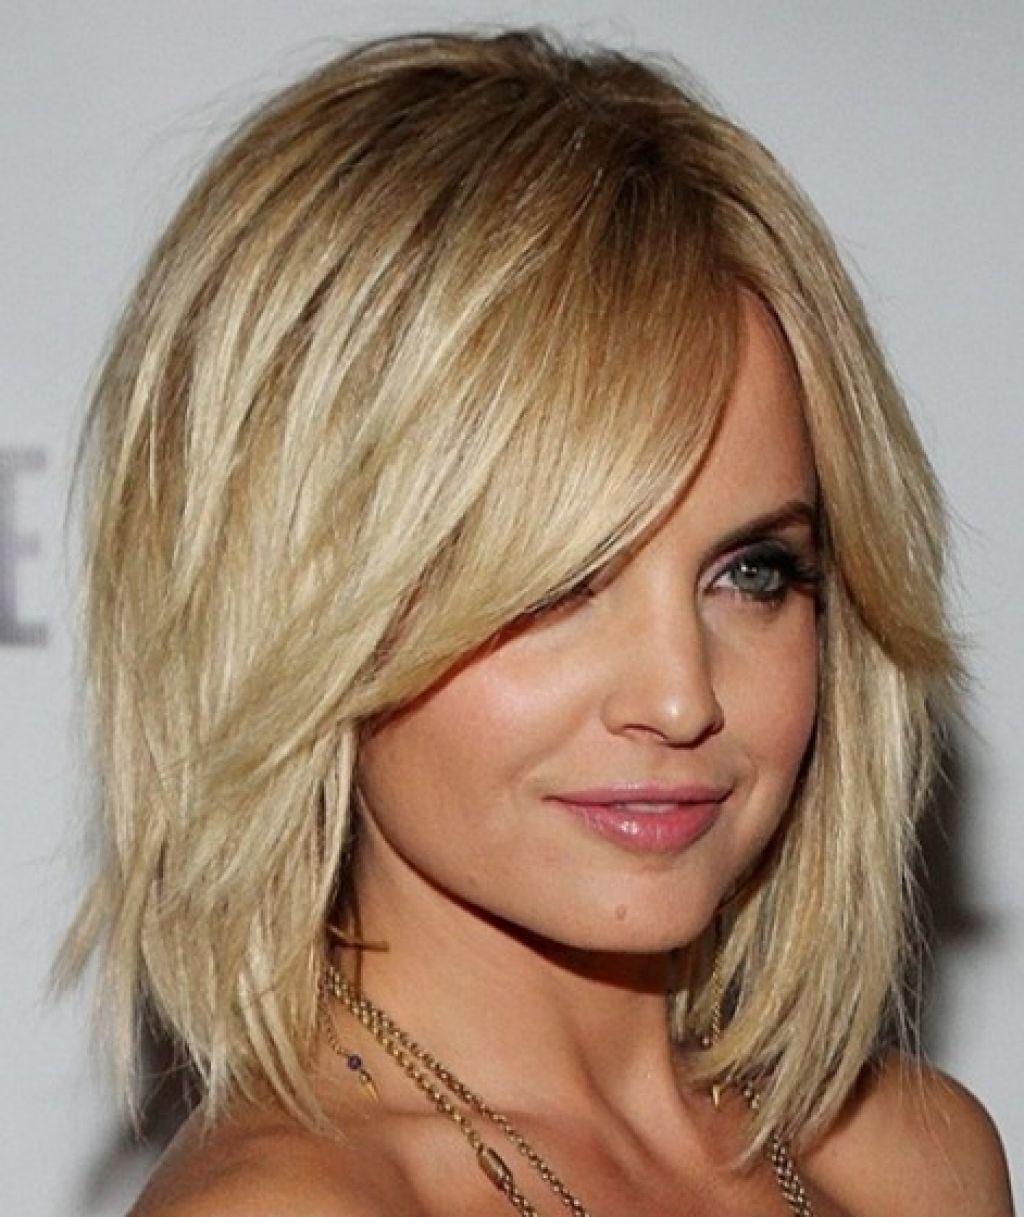 22 Ideen Fur Perfekte Stufige Mittellang Frisuren Frisurentrends Zenideen Frisuren Halblang Frisuren Halblang Gestuft Kurz Feines Haar